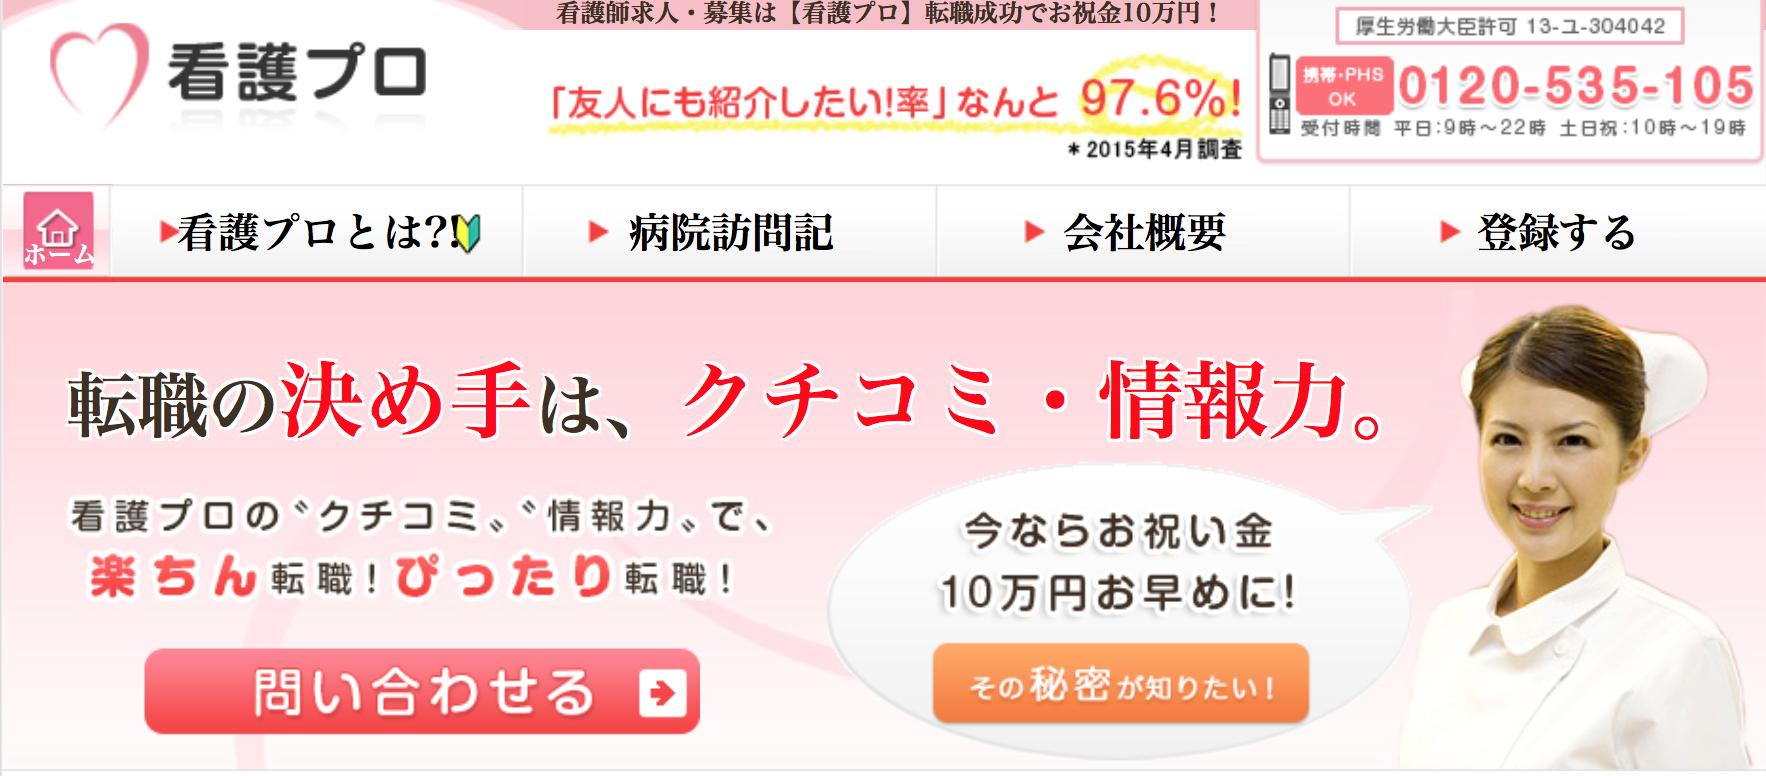 スクリーンショット 2015-08-30 10.44.44